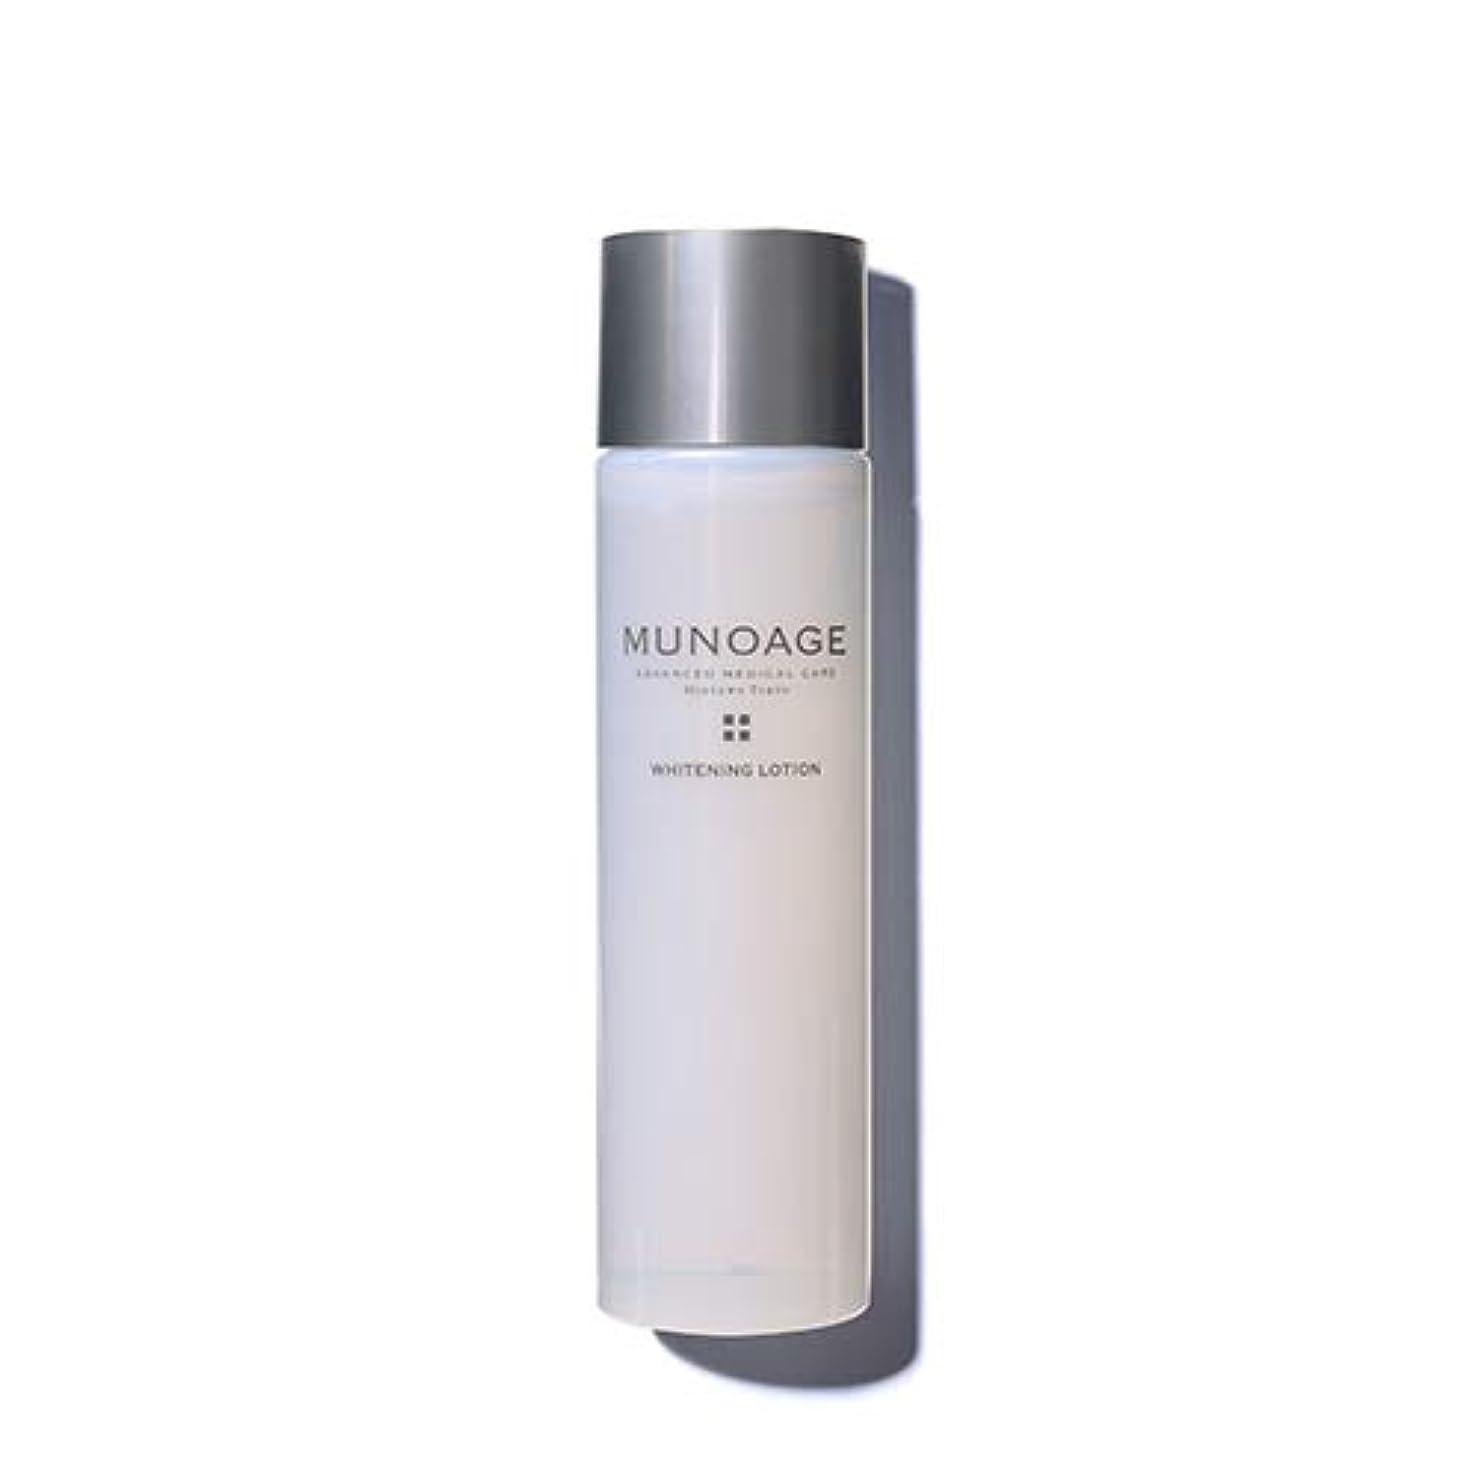 ほこり相対的唯物論MUNOAGE ホワイトニングローション 150ml【薬用美白化粧水】 さっぱりタイプ 透明感のある素肌へ ビタミンC 高保湿【限定プレゼントセット】